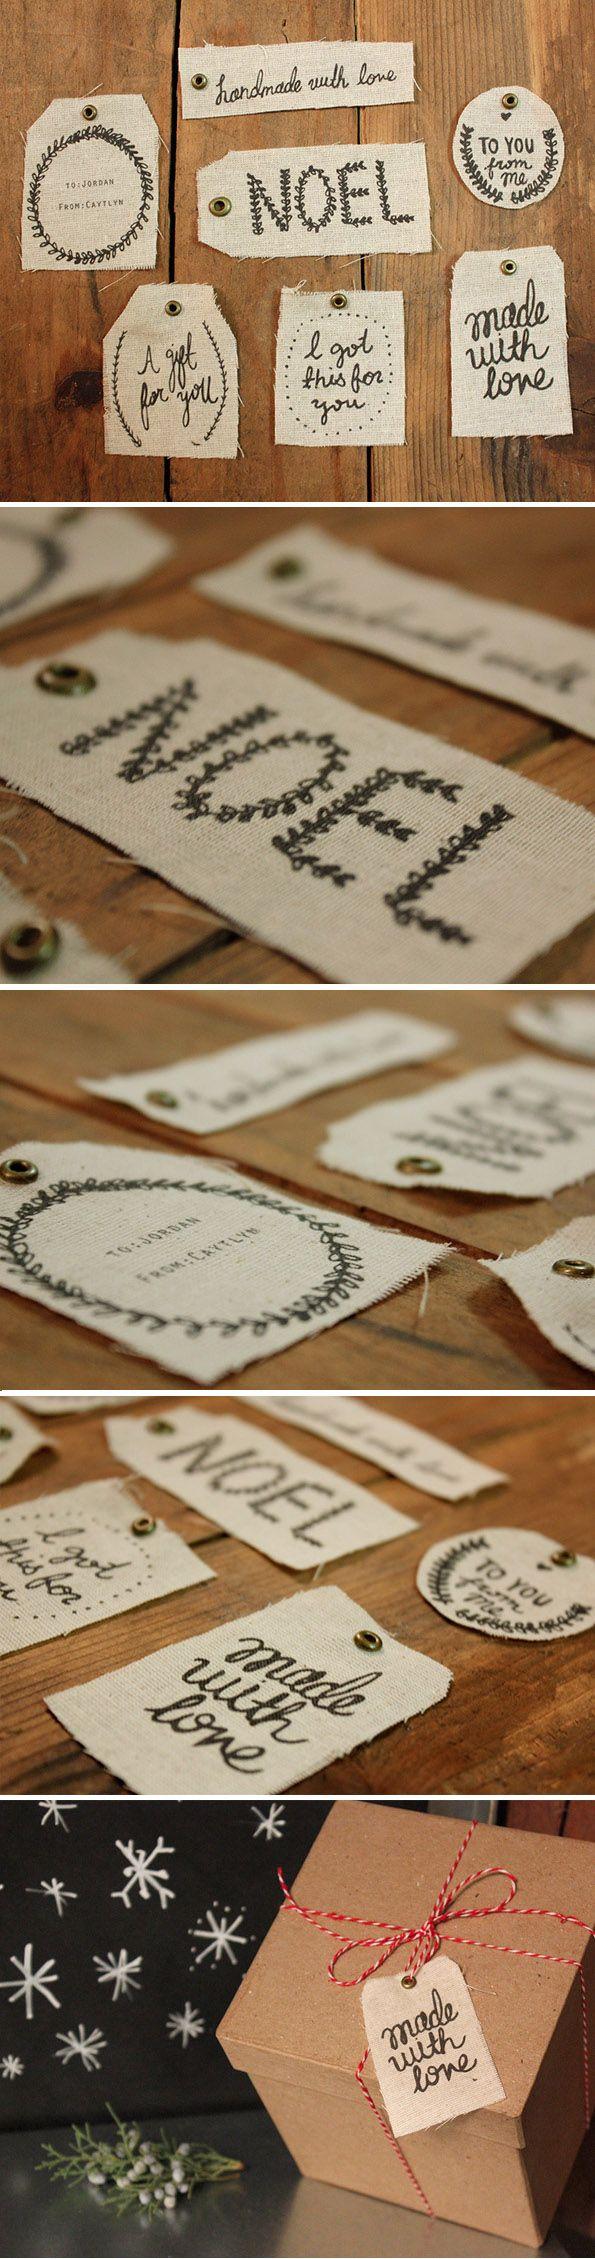 Print on Fabric | Holiday Gift Tags | Kollabora Alt Summit Challenge  #KollaboraAltSummit  @Kollabora